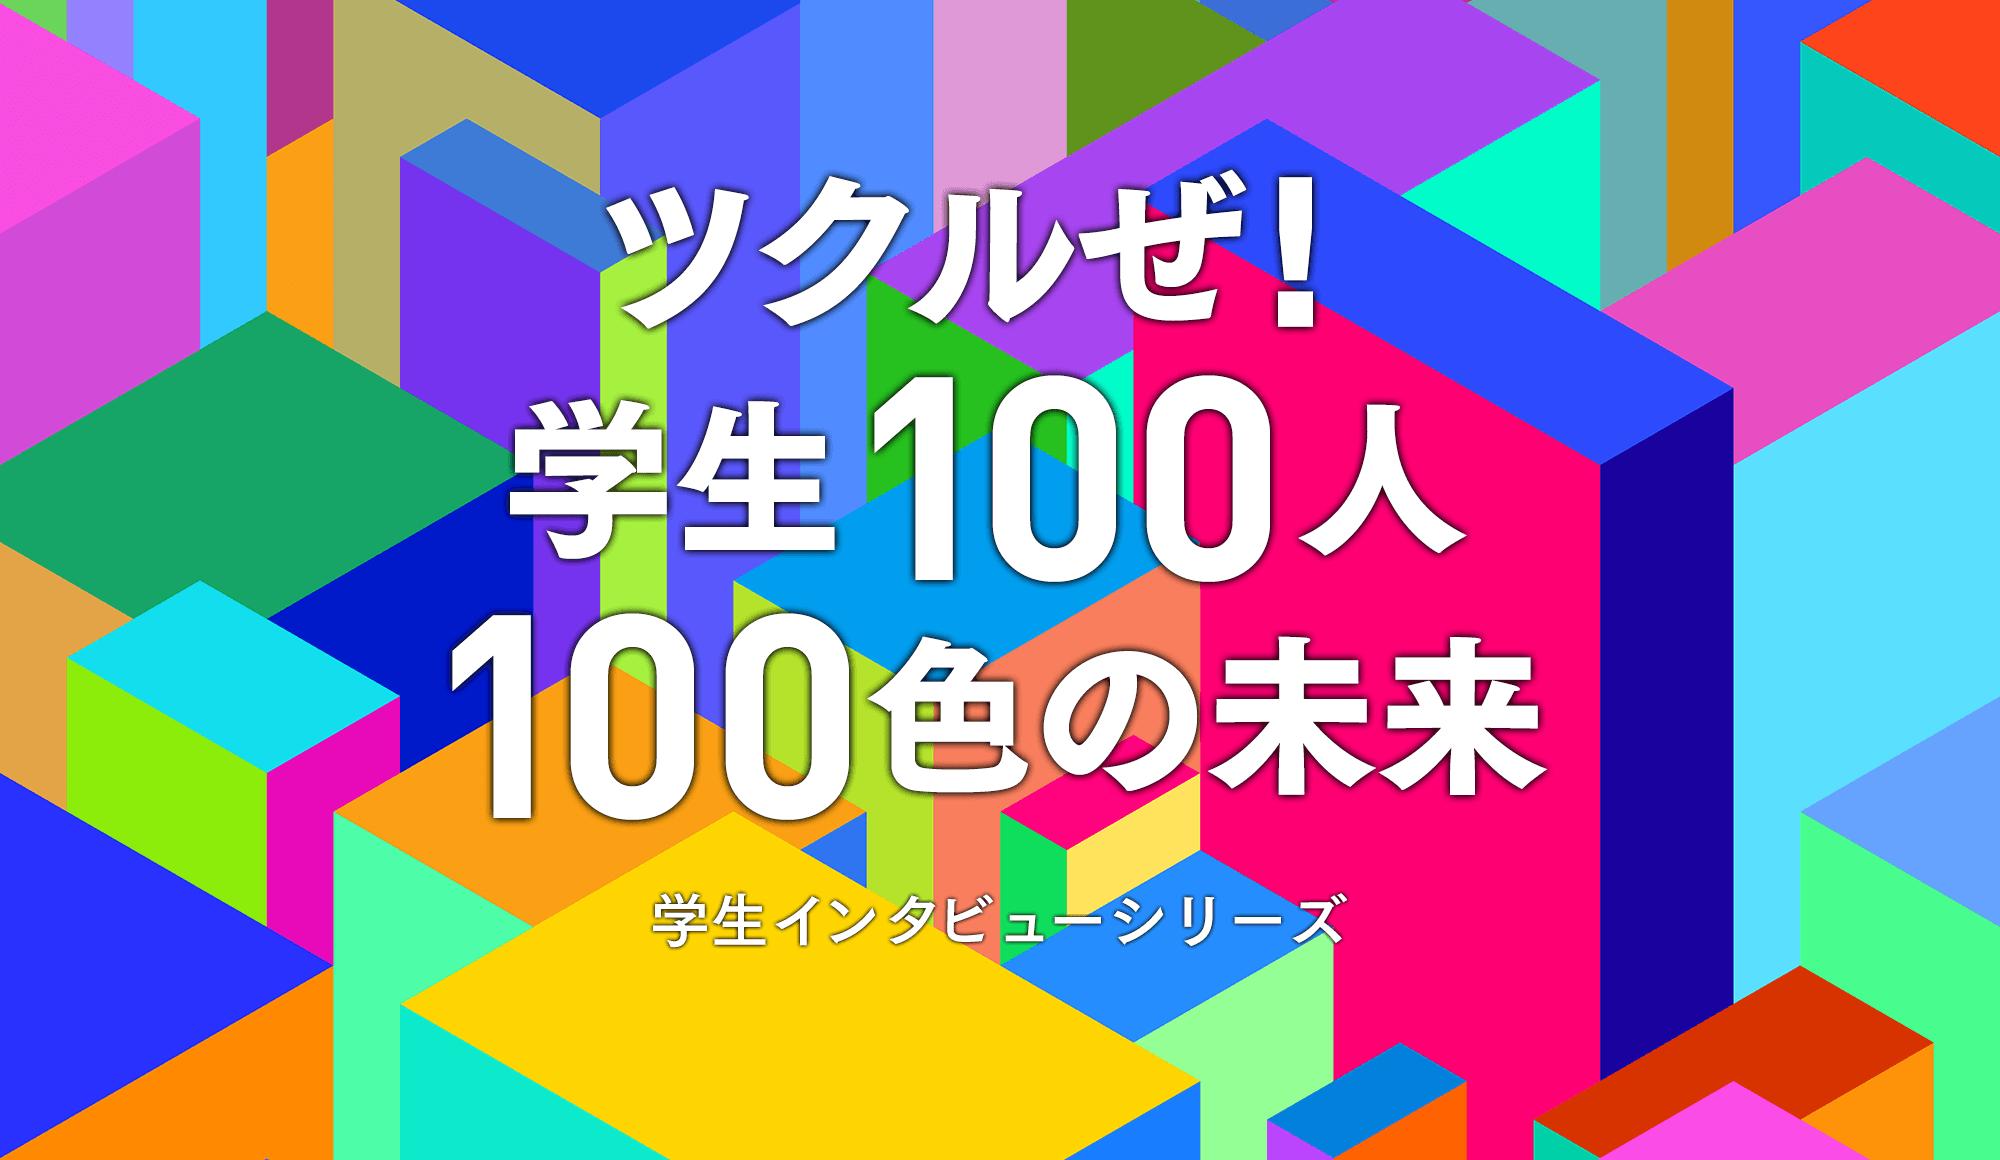 ツクルぜ!学生100人100色の未来